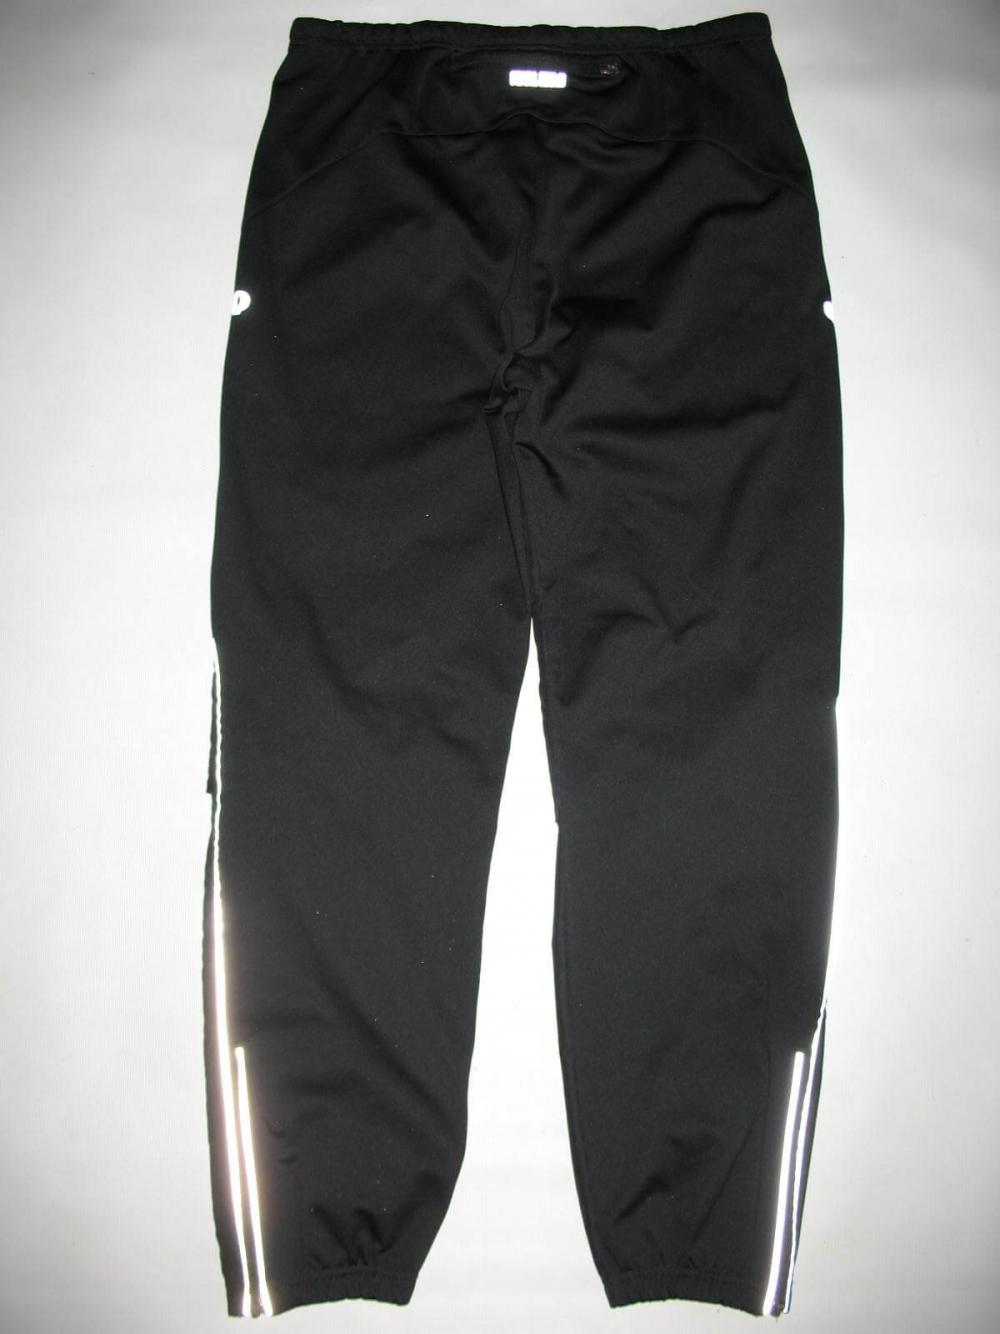 Брюки PEARL IZUMI run/bike pants (размер L) - 2